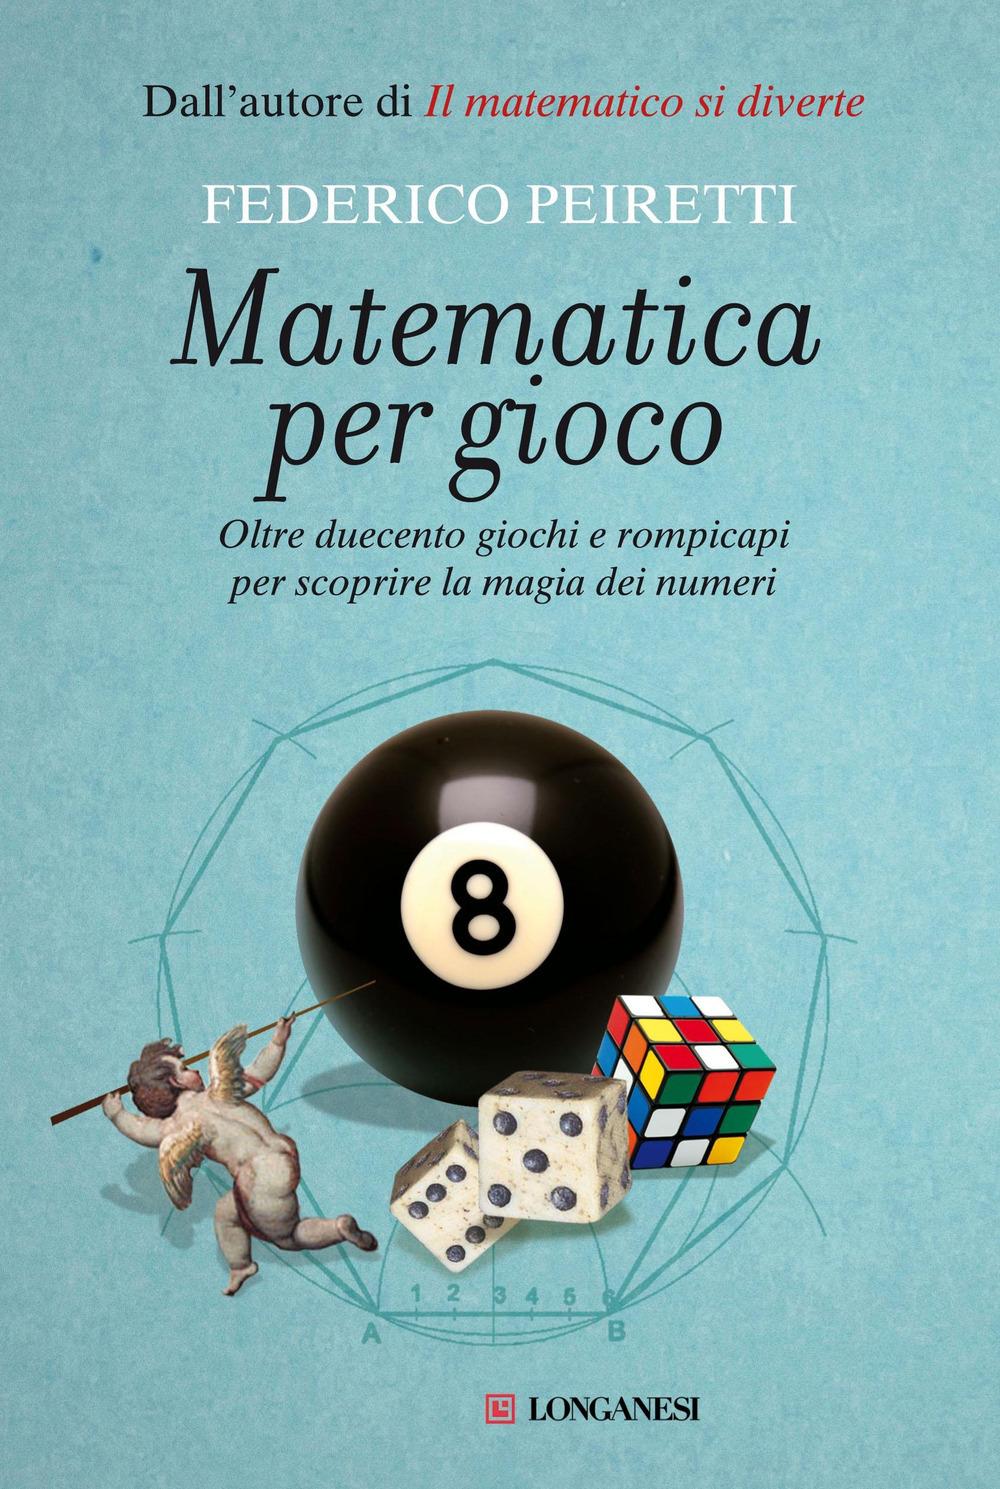 Matematica per gioco. Oltre duecento giochi e rompicapi per scopri..